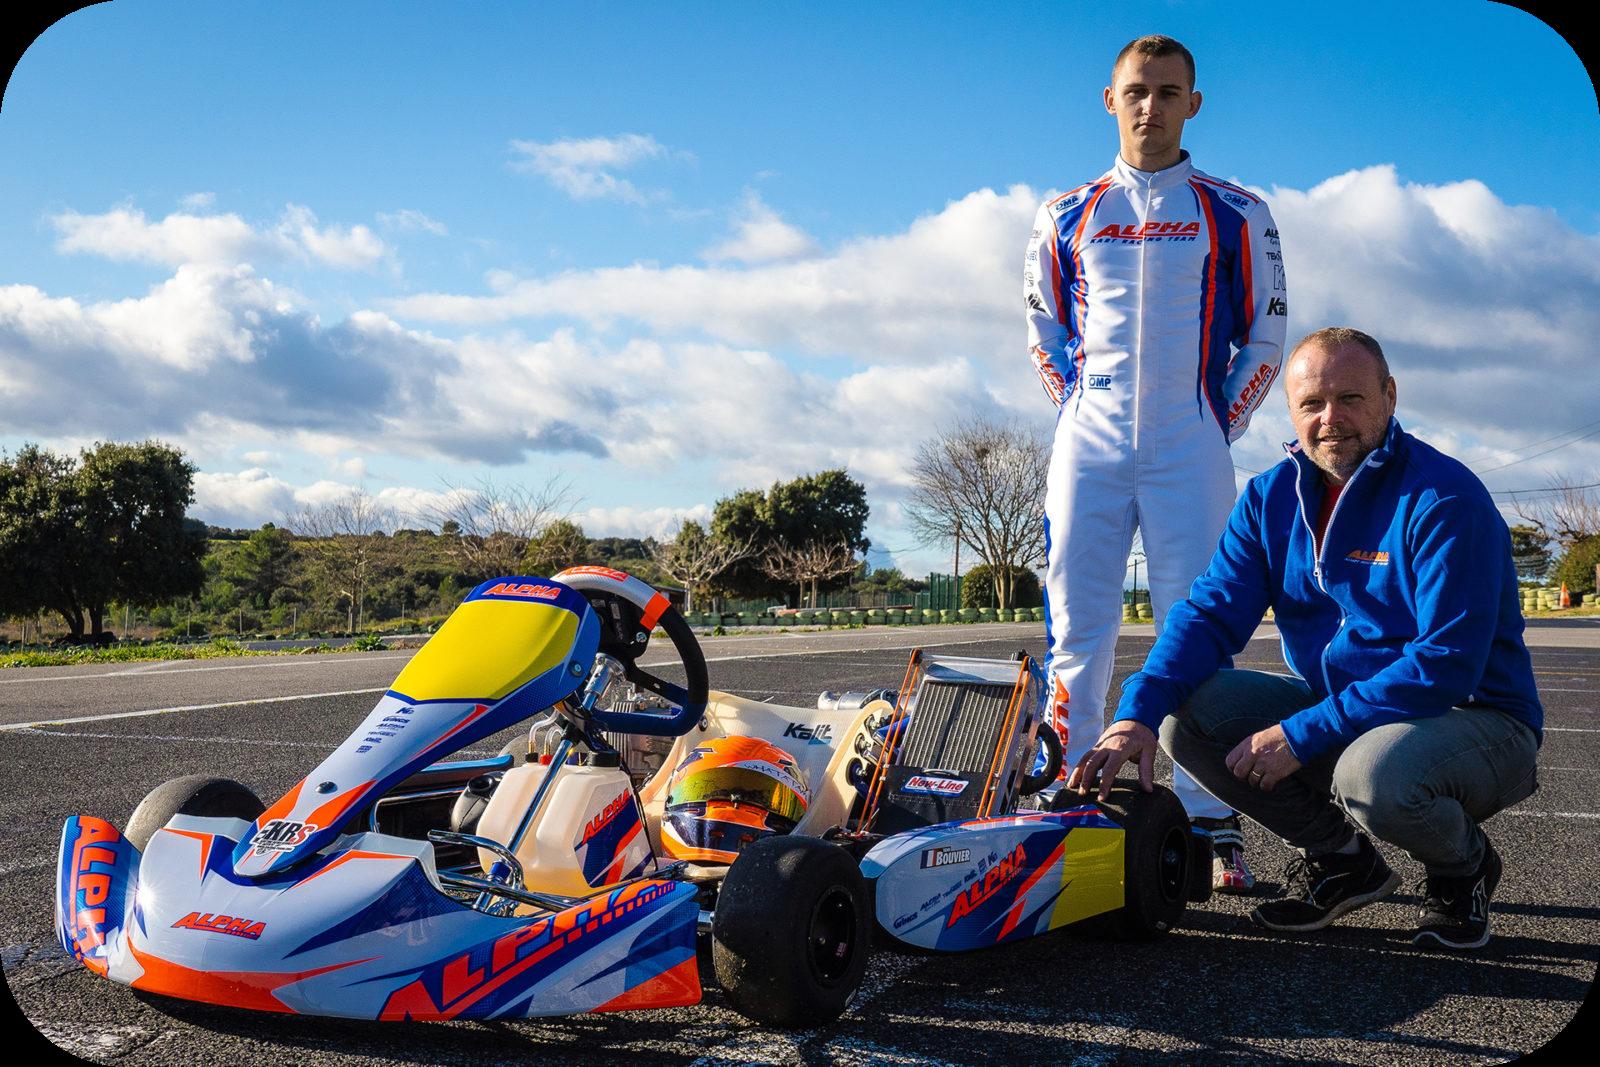 Yann et David Bouvier aux côtés d'un châssis Alpha Karting